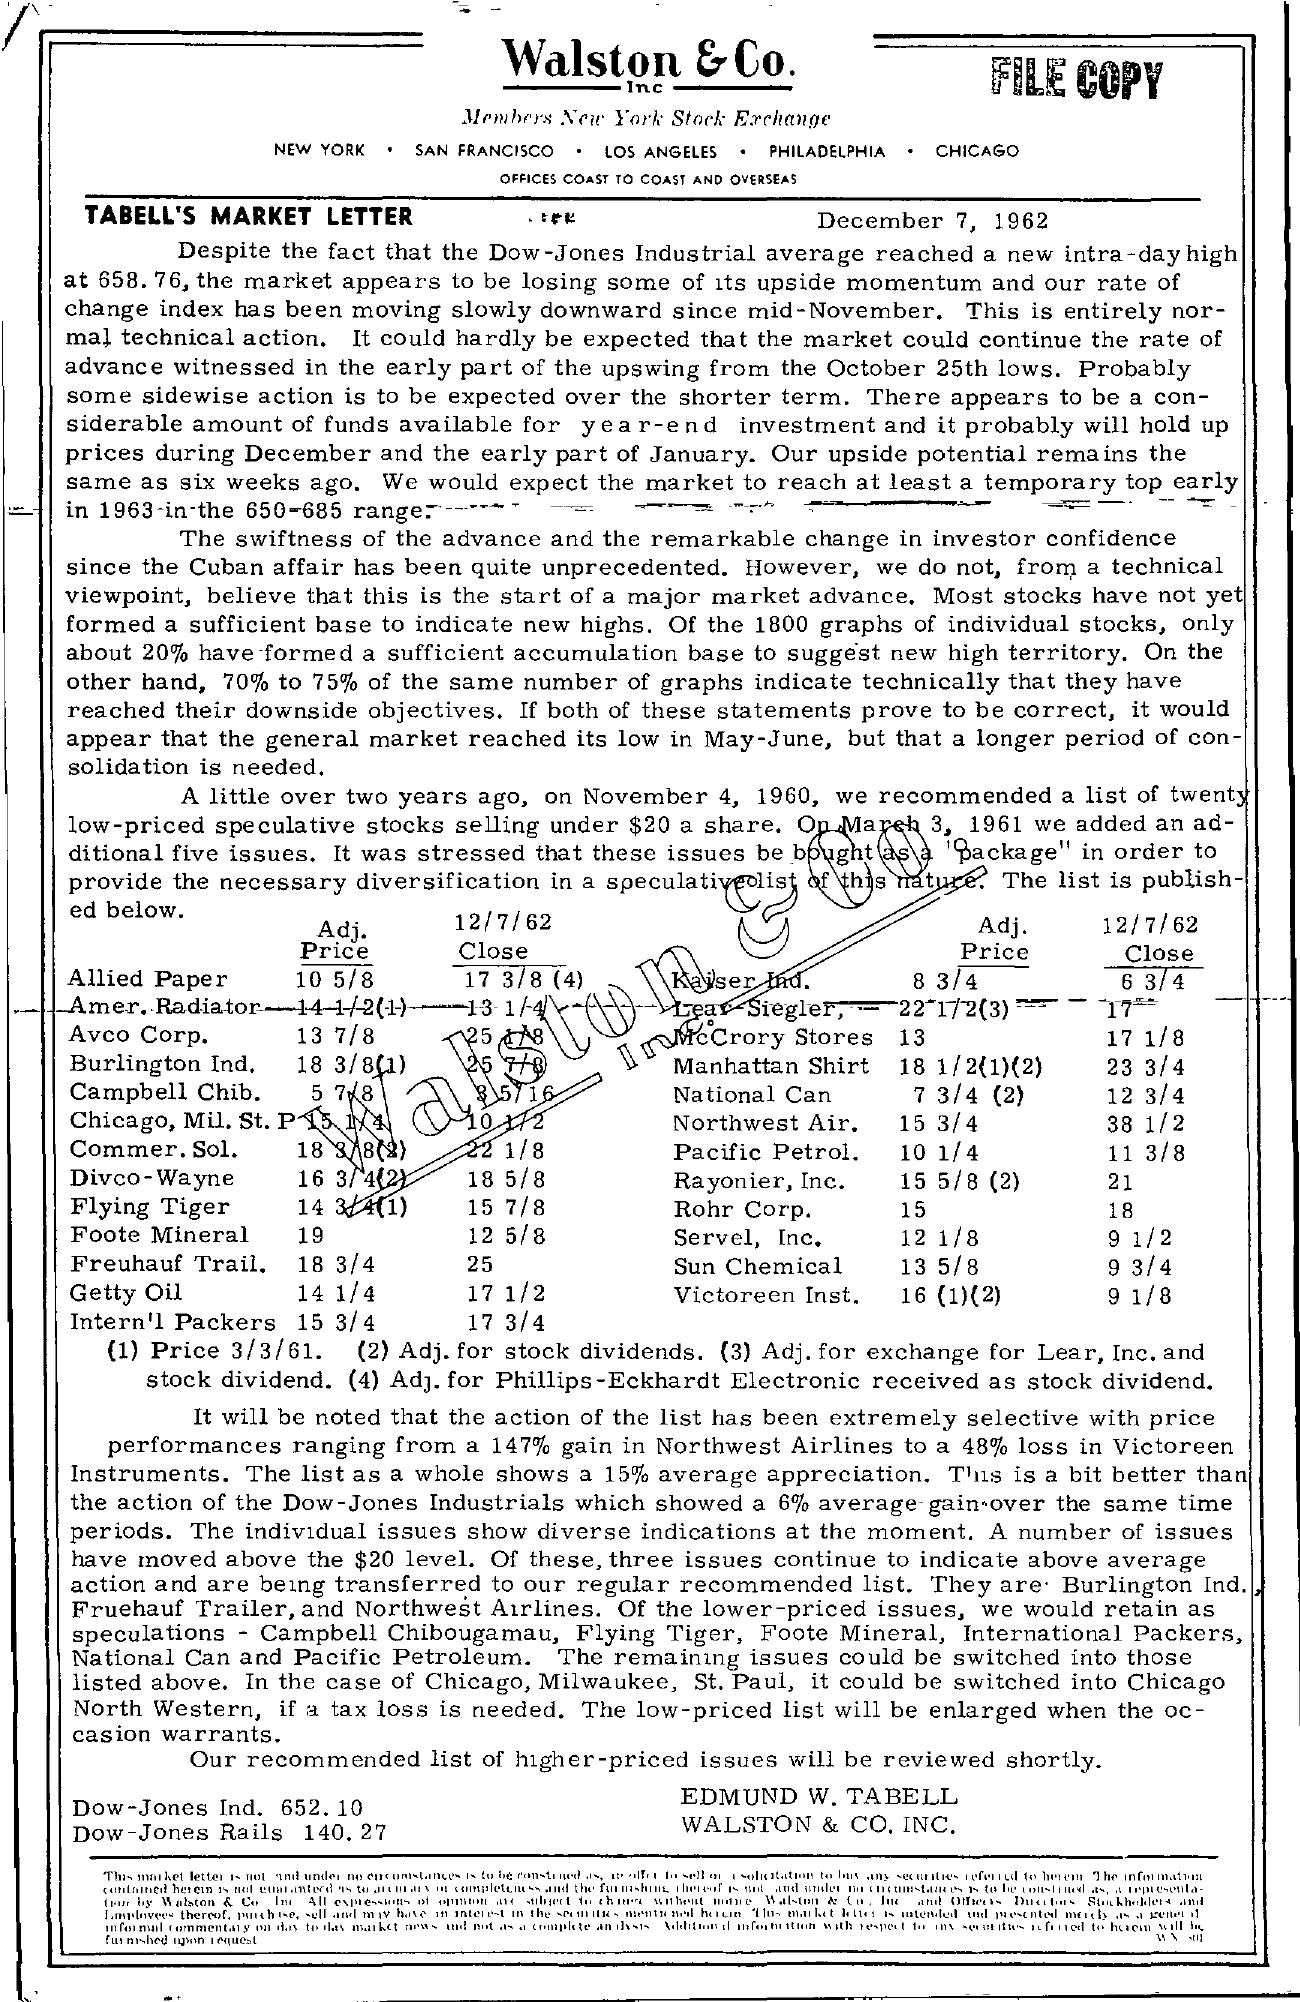 Tabell's Market Letter - December 07, 1962